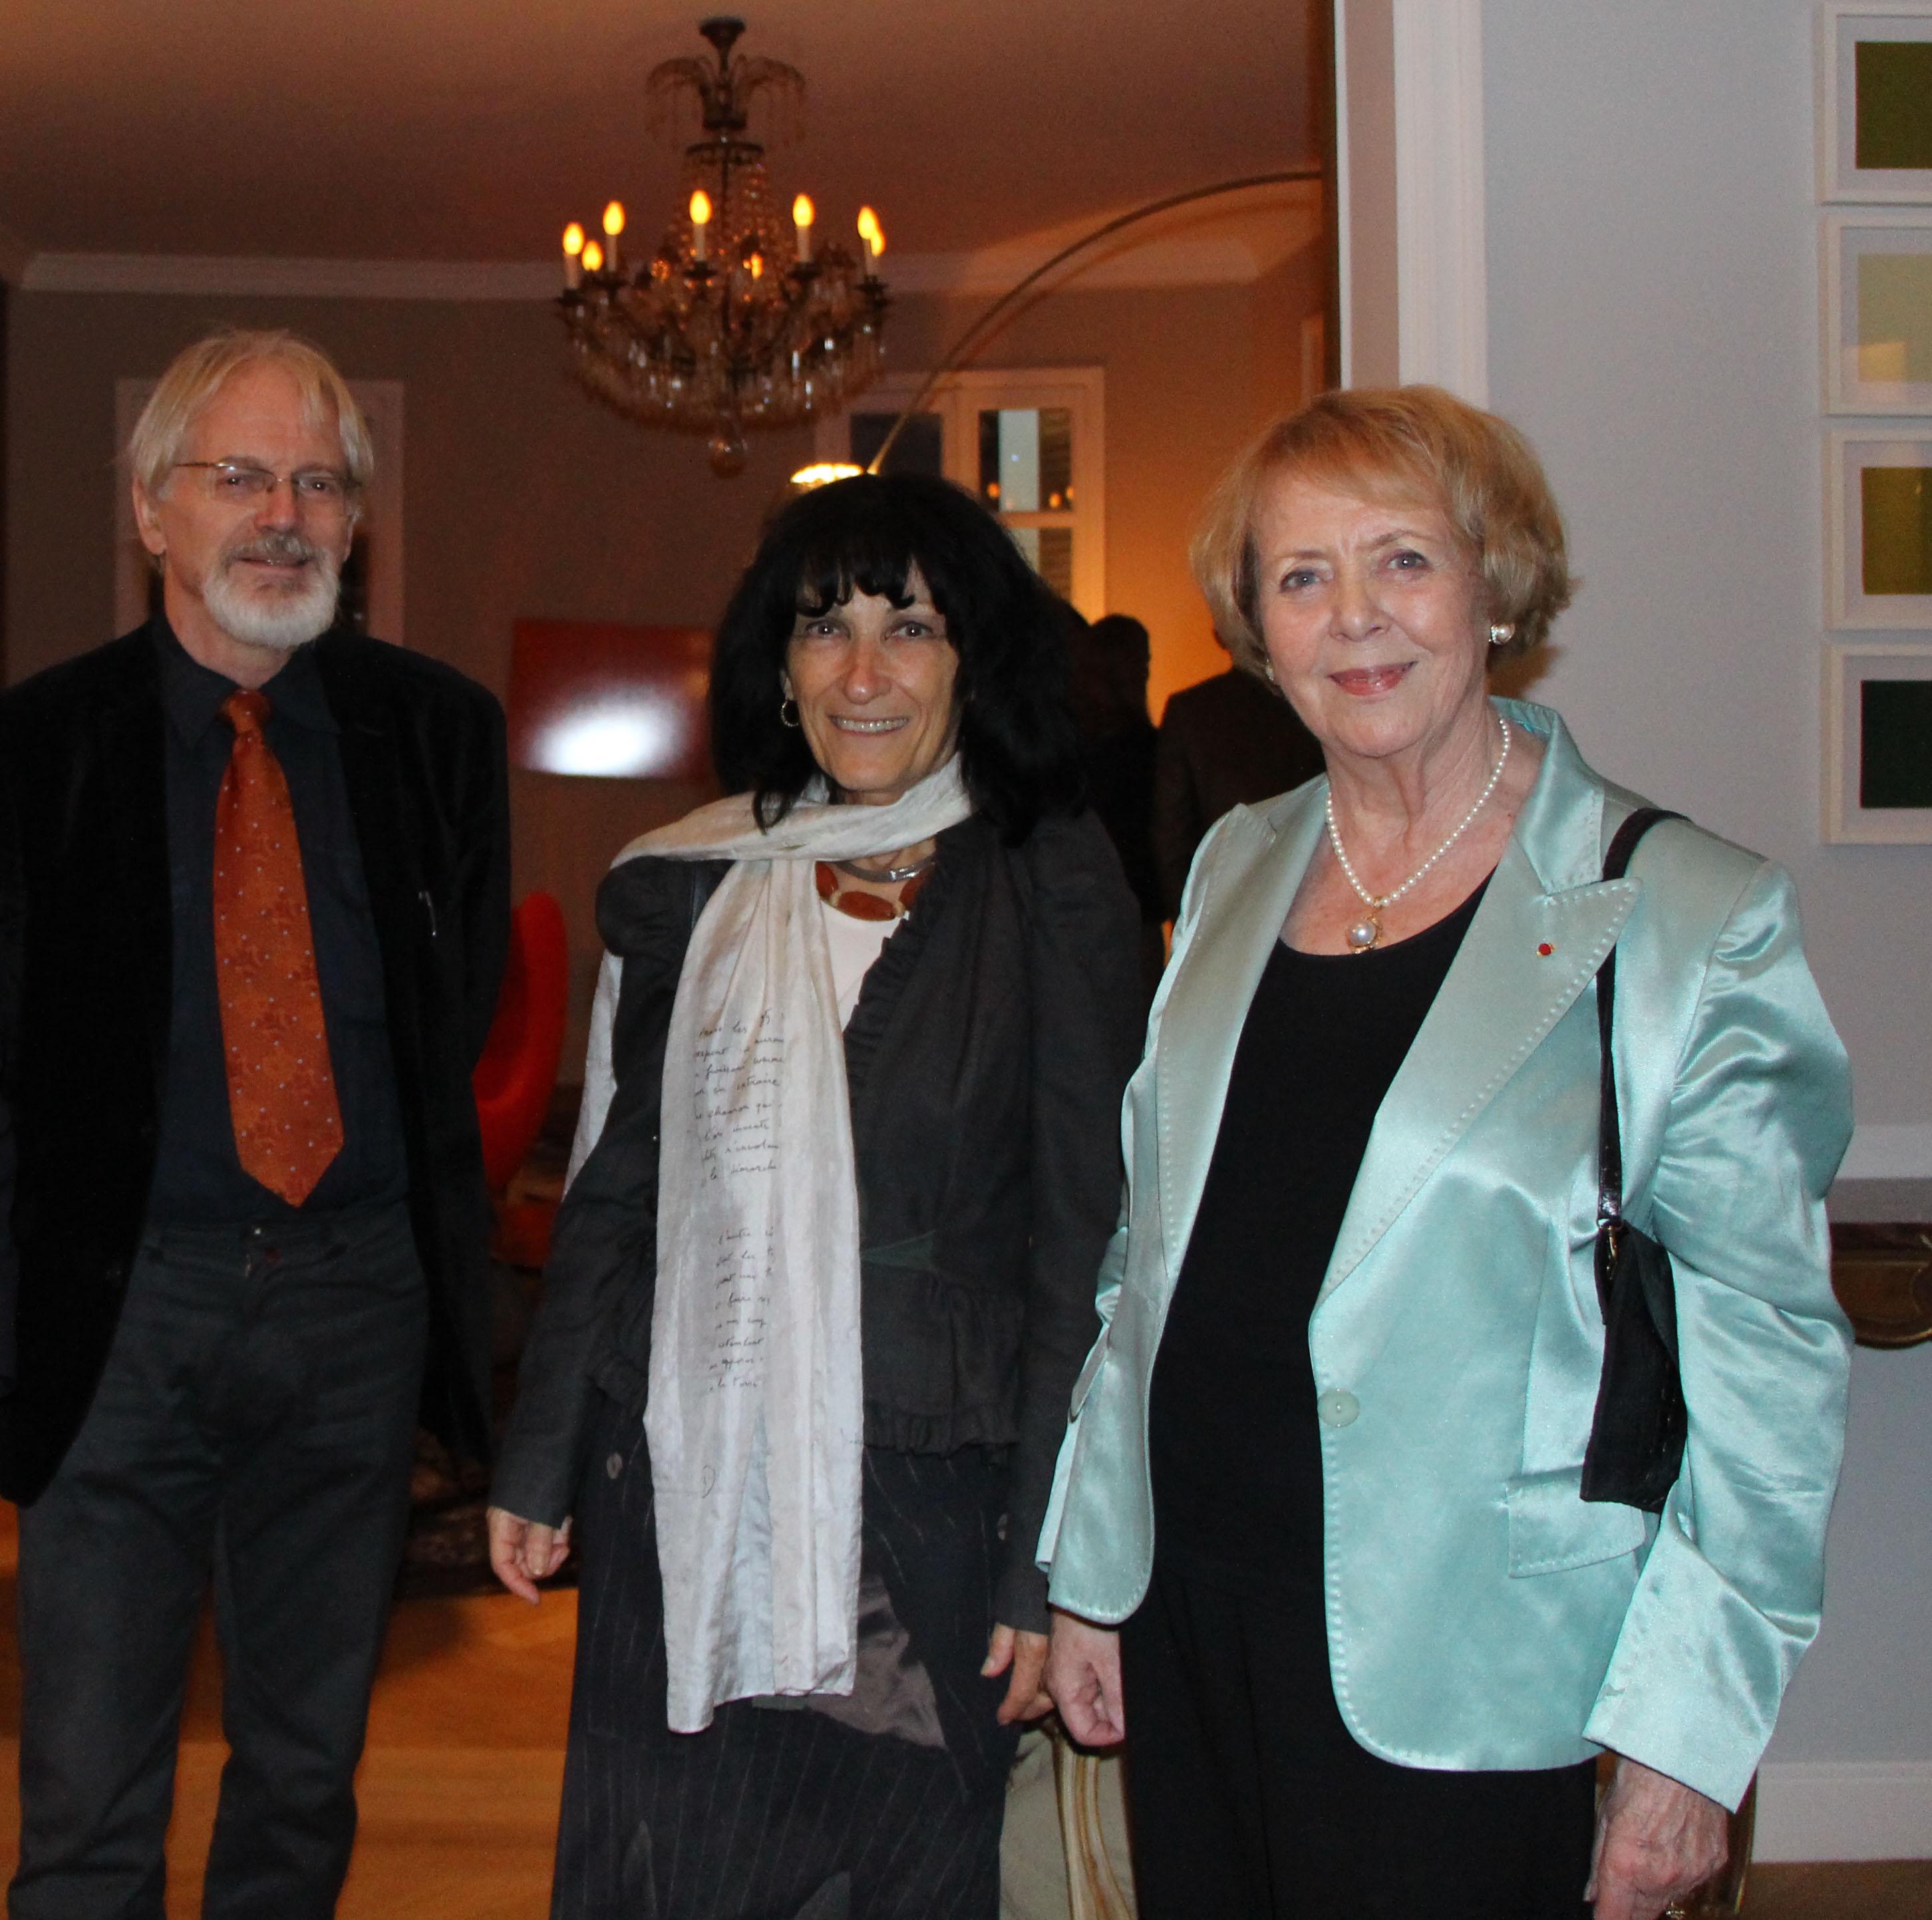 Vigdis Finnbogadottir à l'Ambassade d'Islande à Paris, réception donnée en l'honneur de son Doctorat Honoris causa, Paris -Sorbonne (avec Mireille Calle-Gruber et Eberhard Gruber)